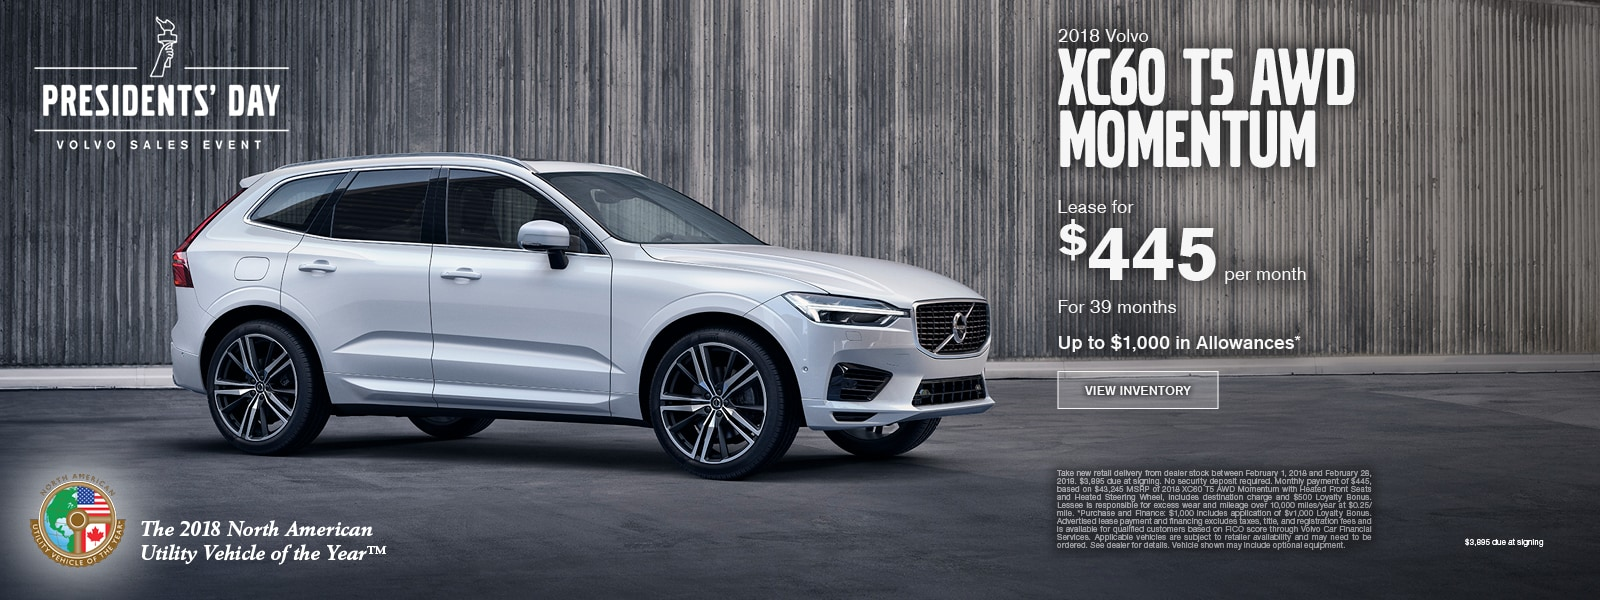 Alan Byer Volvo | Syracuse, NY | New & Used Volvo Dealership